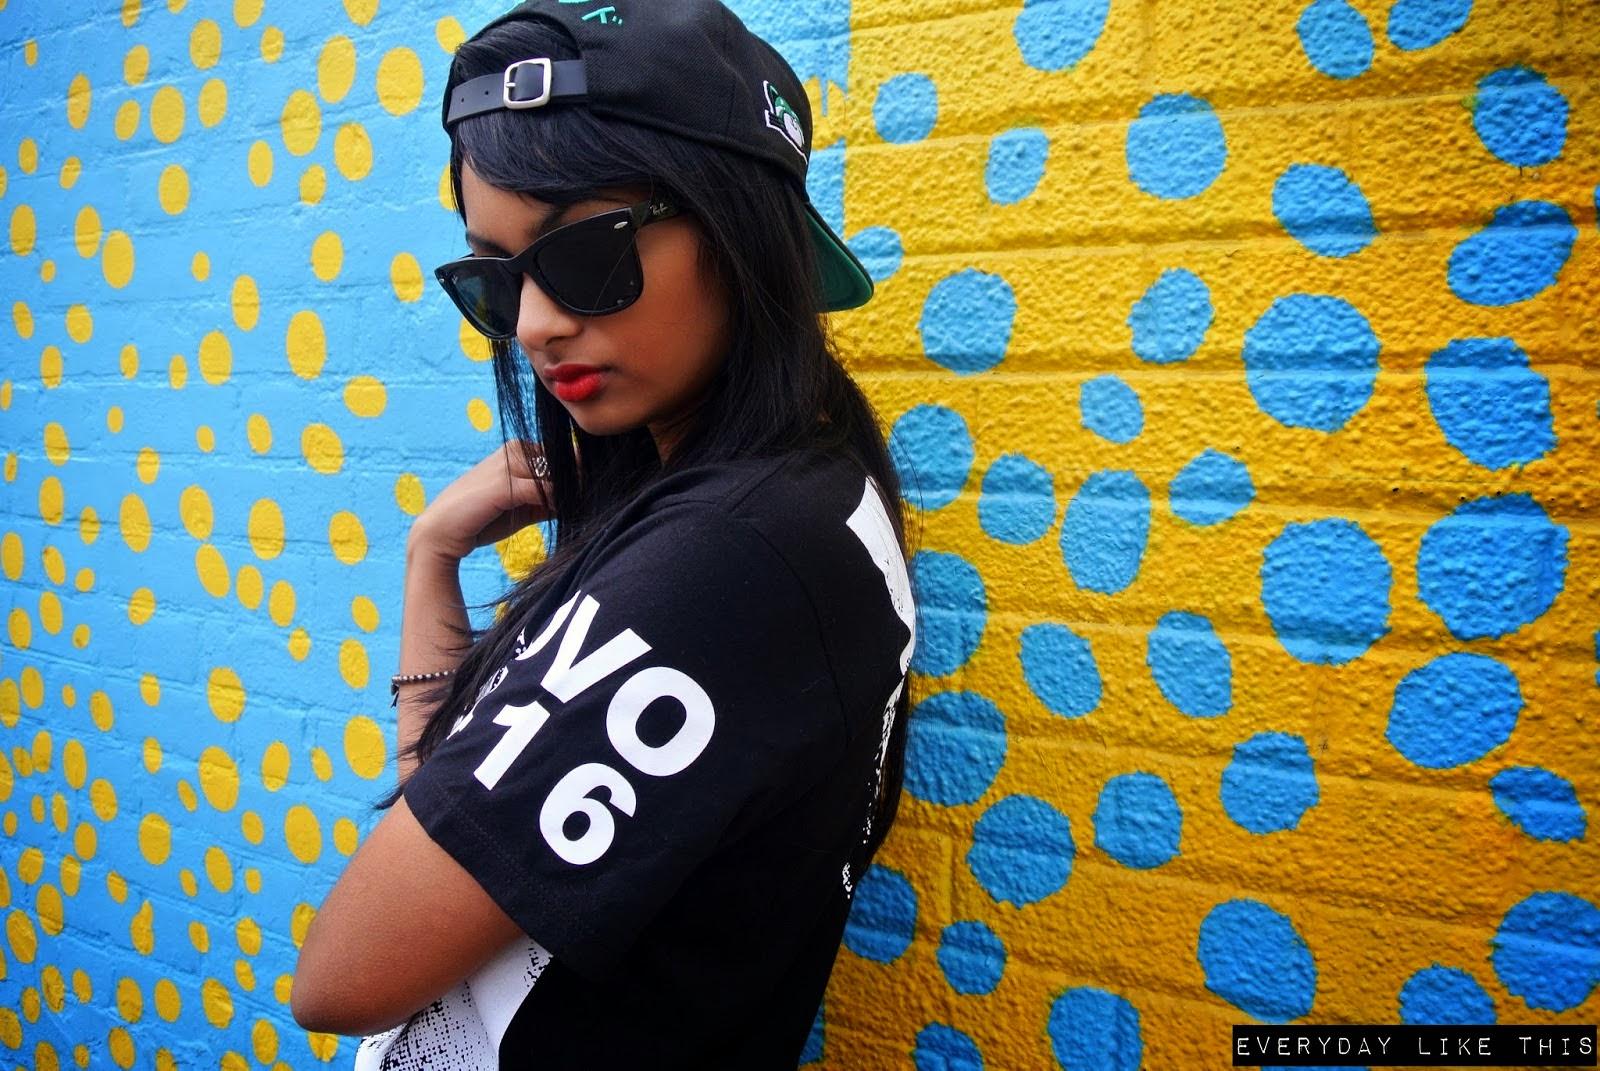 drake future music festival melbourne ovo festival gear merchandise